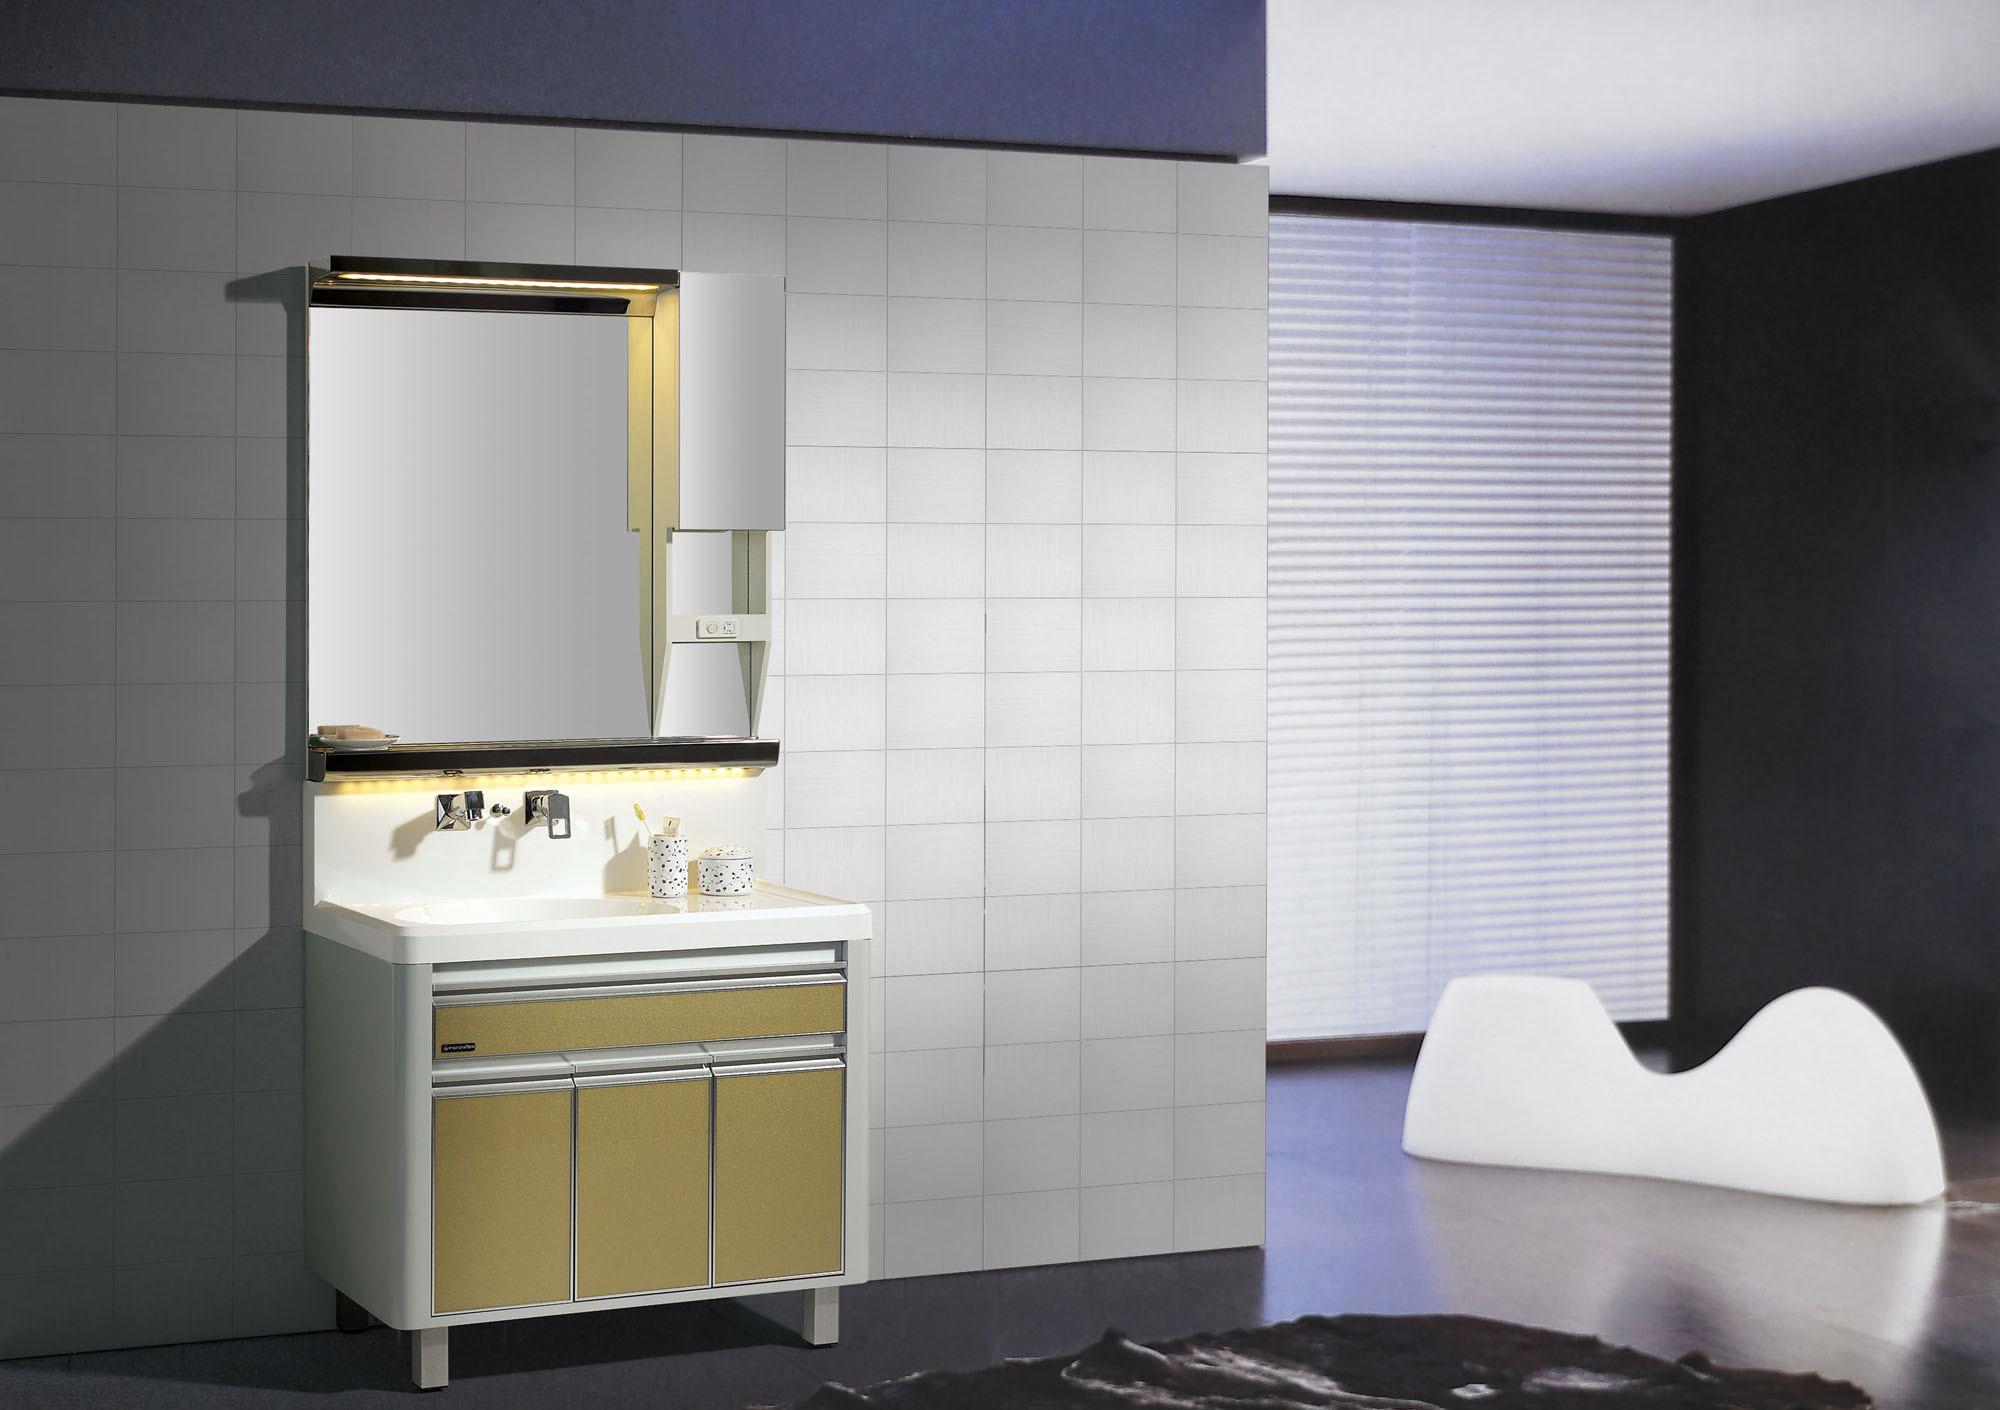 Vaidade nova do banheiro com o armário do espelho da Névoa Prova  #887843 2000x1410 Banheiro Armario Com Espelho